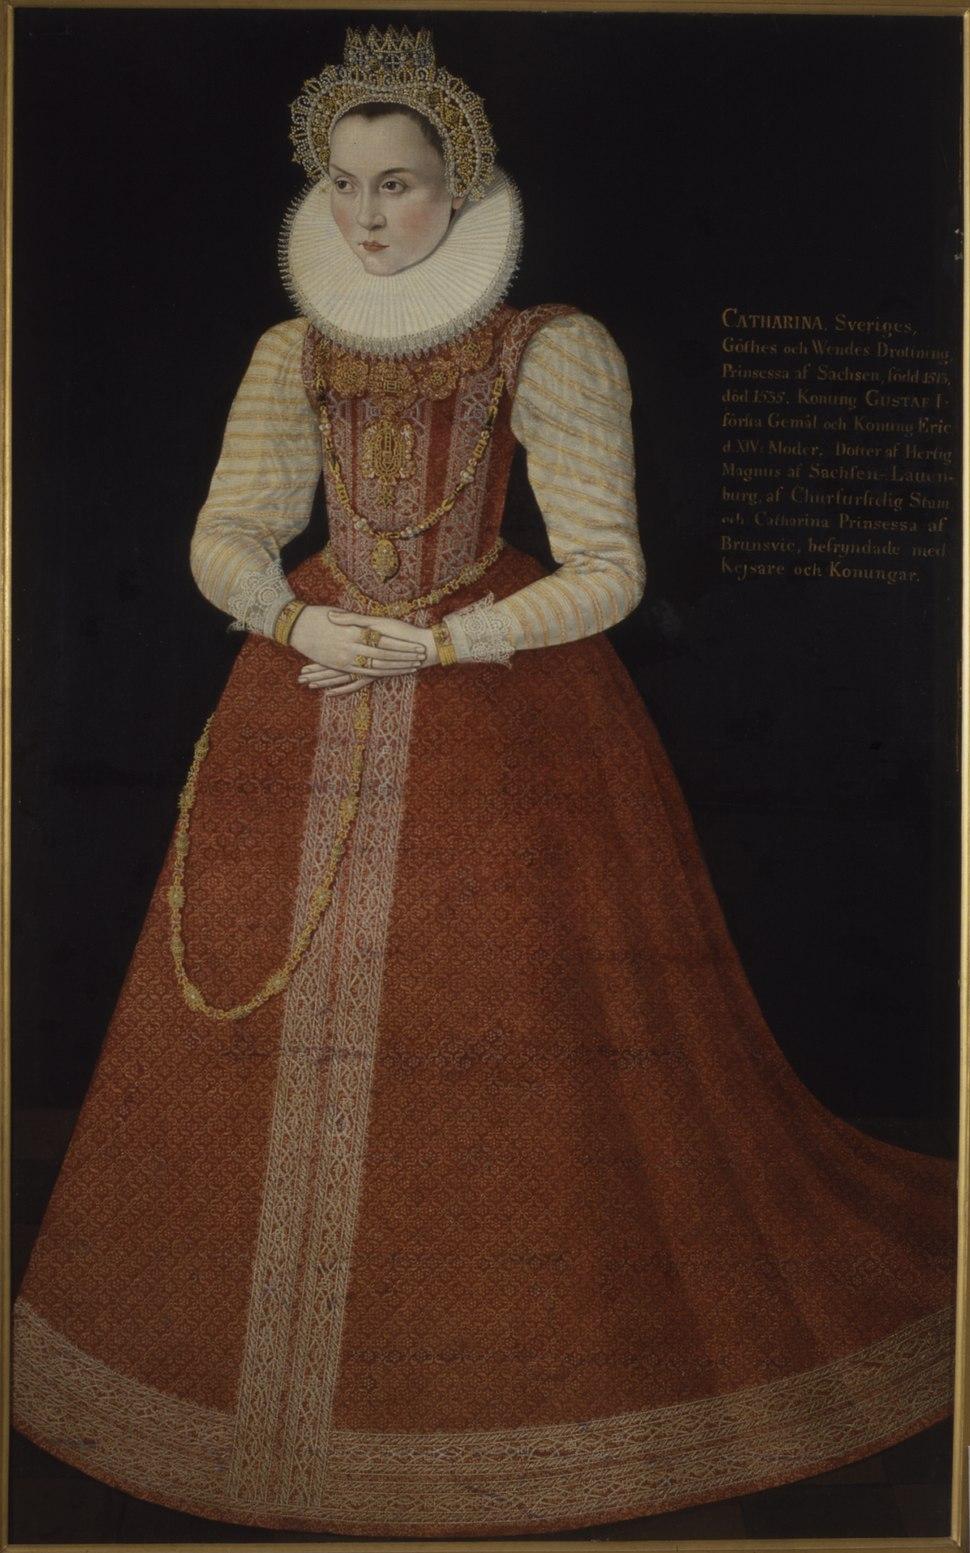 Okänd kvinna kallad Sofia, 1547-1611, prinsessa av Sverige hertiginna av Sachsen-Lau - Nationalmuseum - 15096